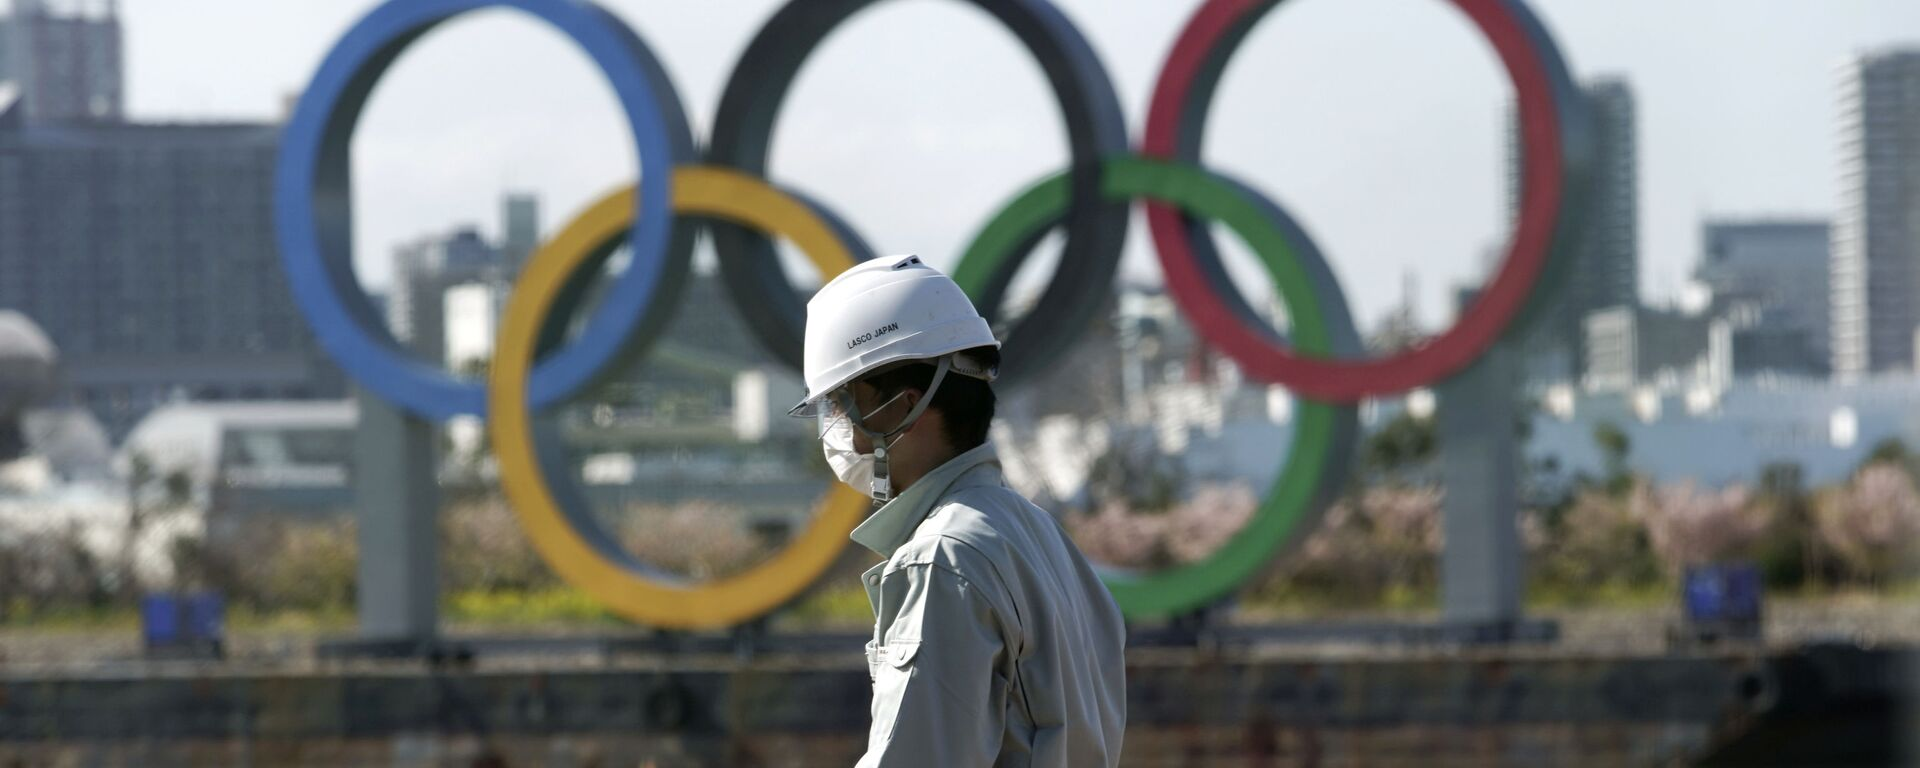 Čovek s maskom ispred olimpijskih krugova u Tokiju. - Sputnik Srbija, 1920, 23.07.2021